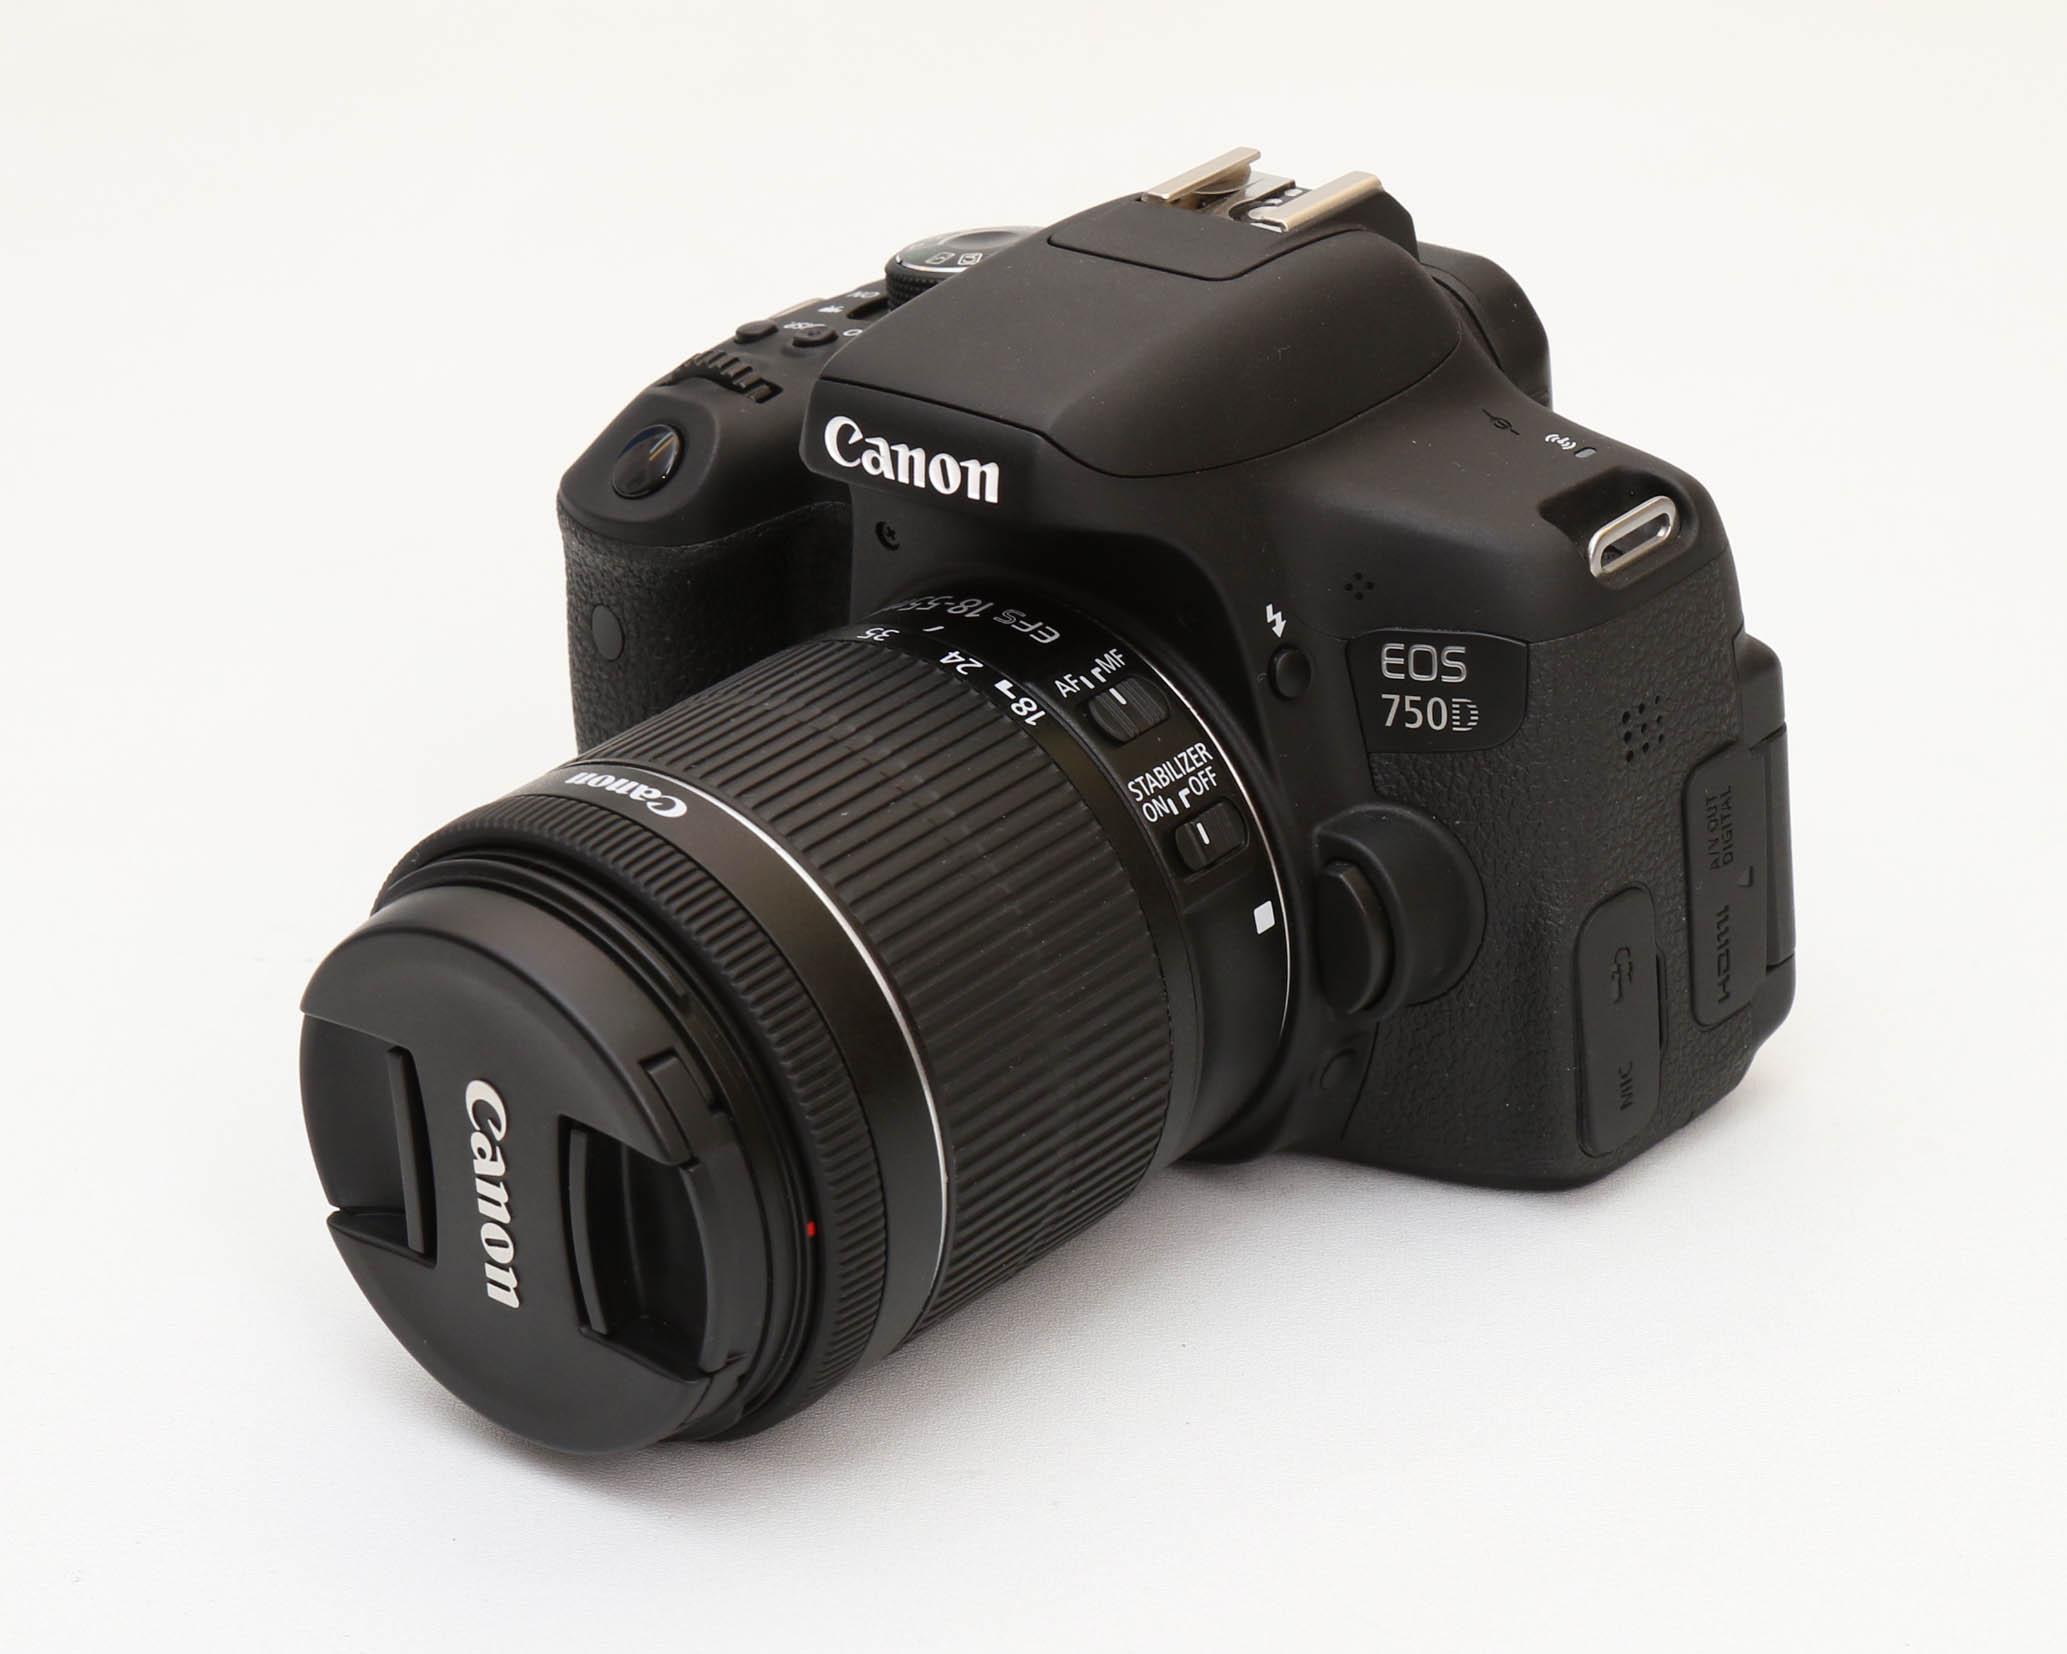 Canon 750D + Lens 18-55 IS STM